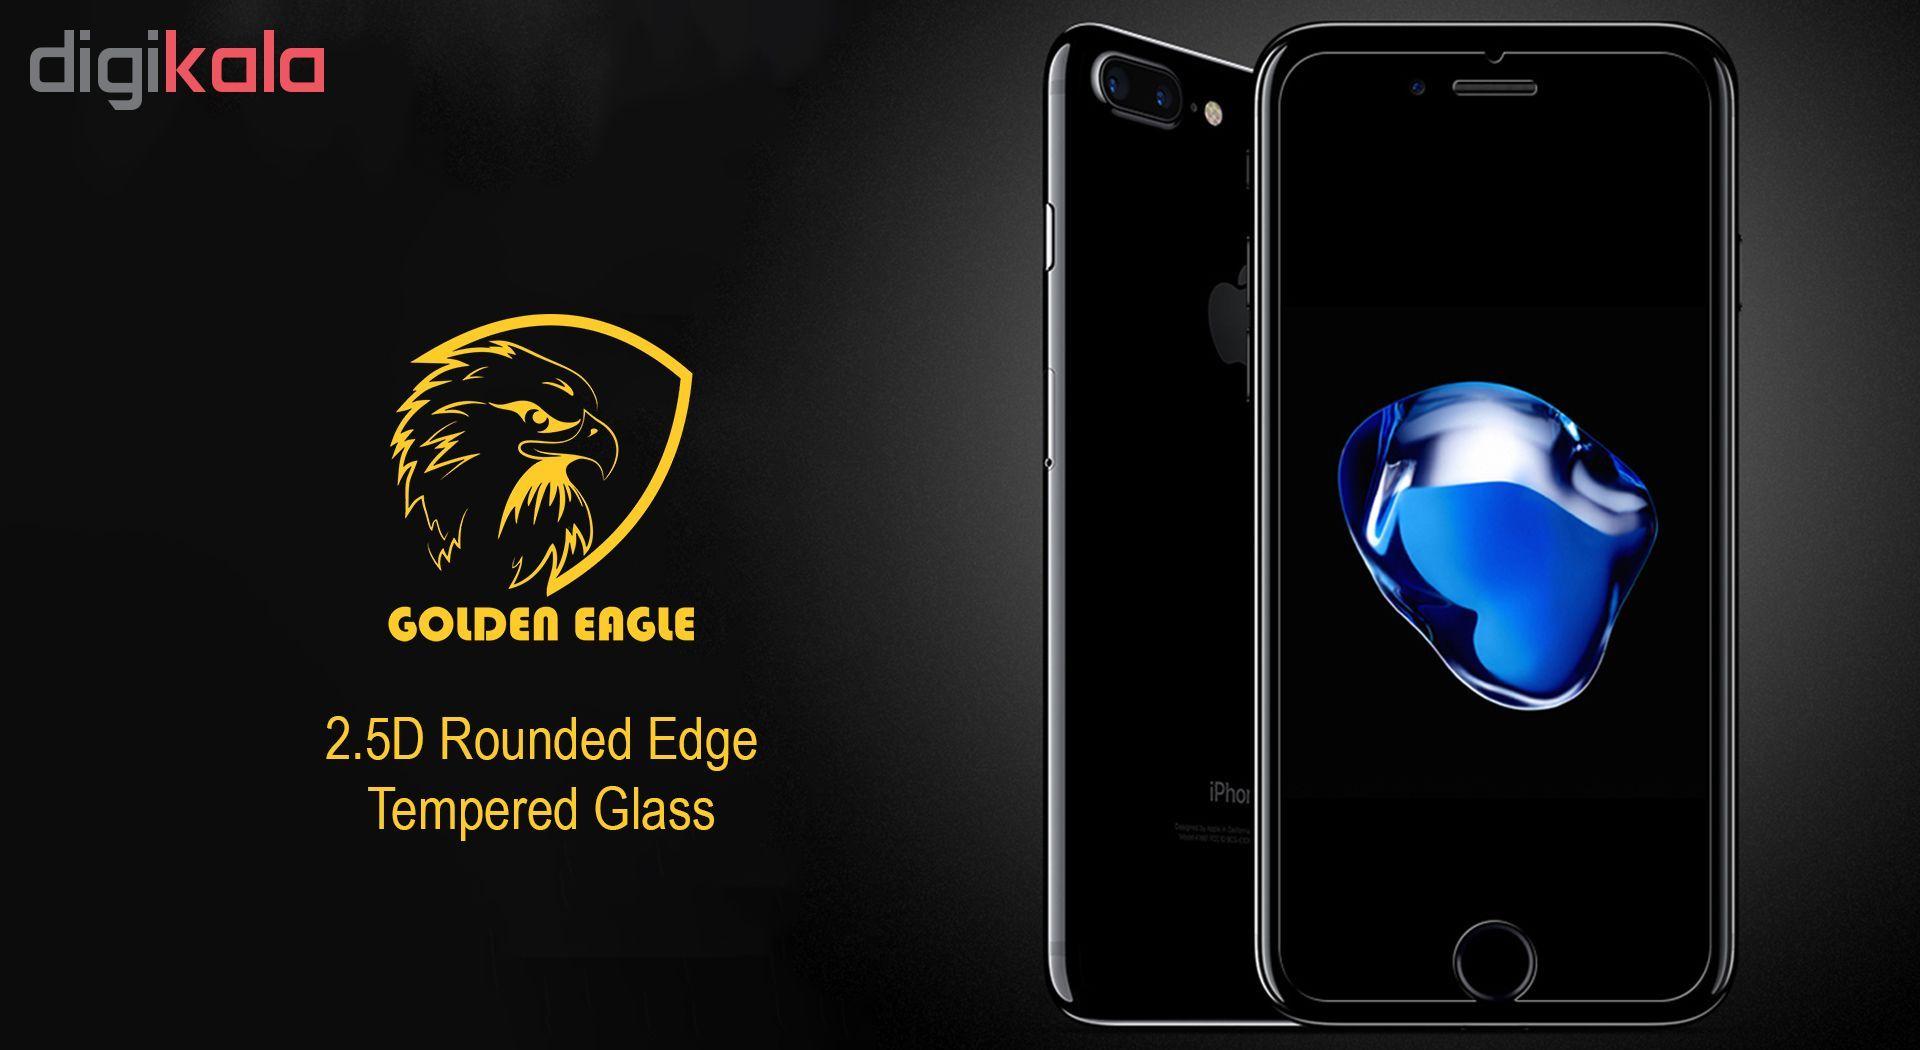 محافظ صفحه نمایش گلدن ایگل مدل Brilliant Shield مناسب برای گوشی اپل آیفون 7/8 main 1 2